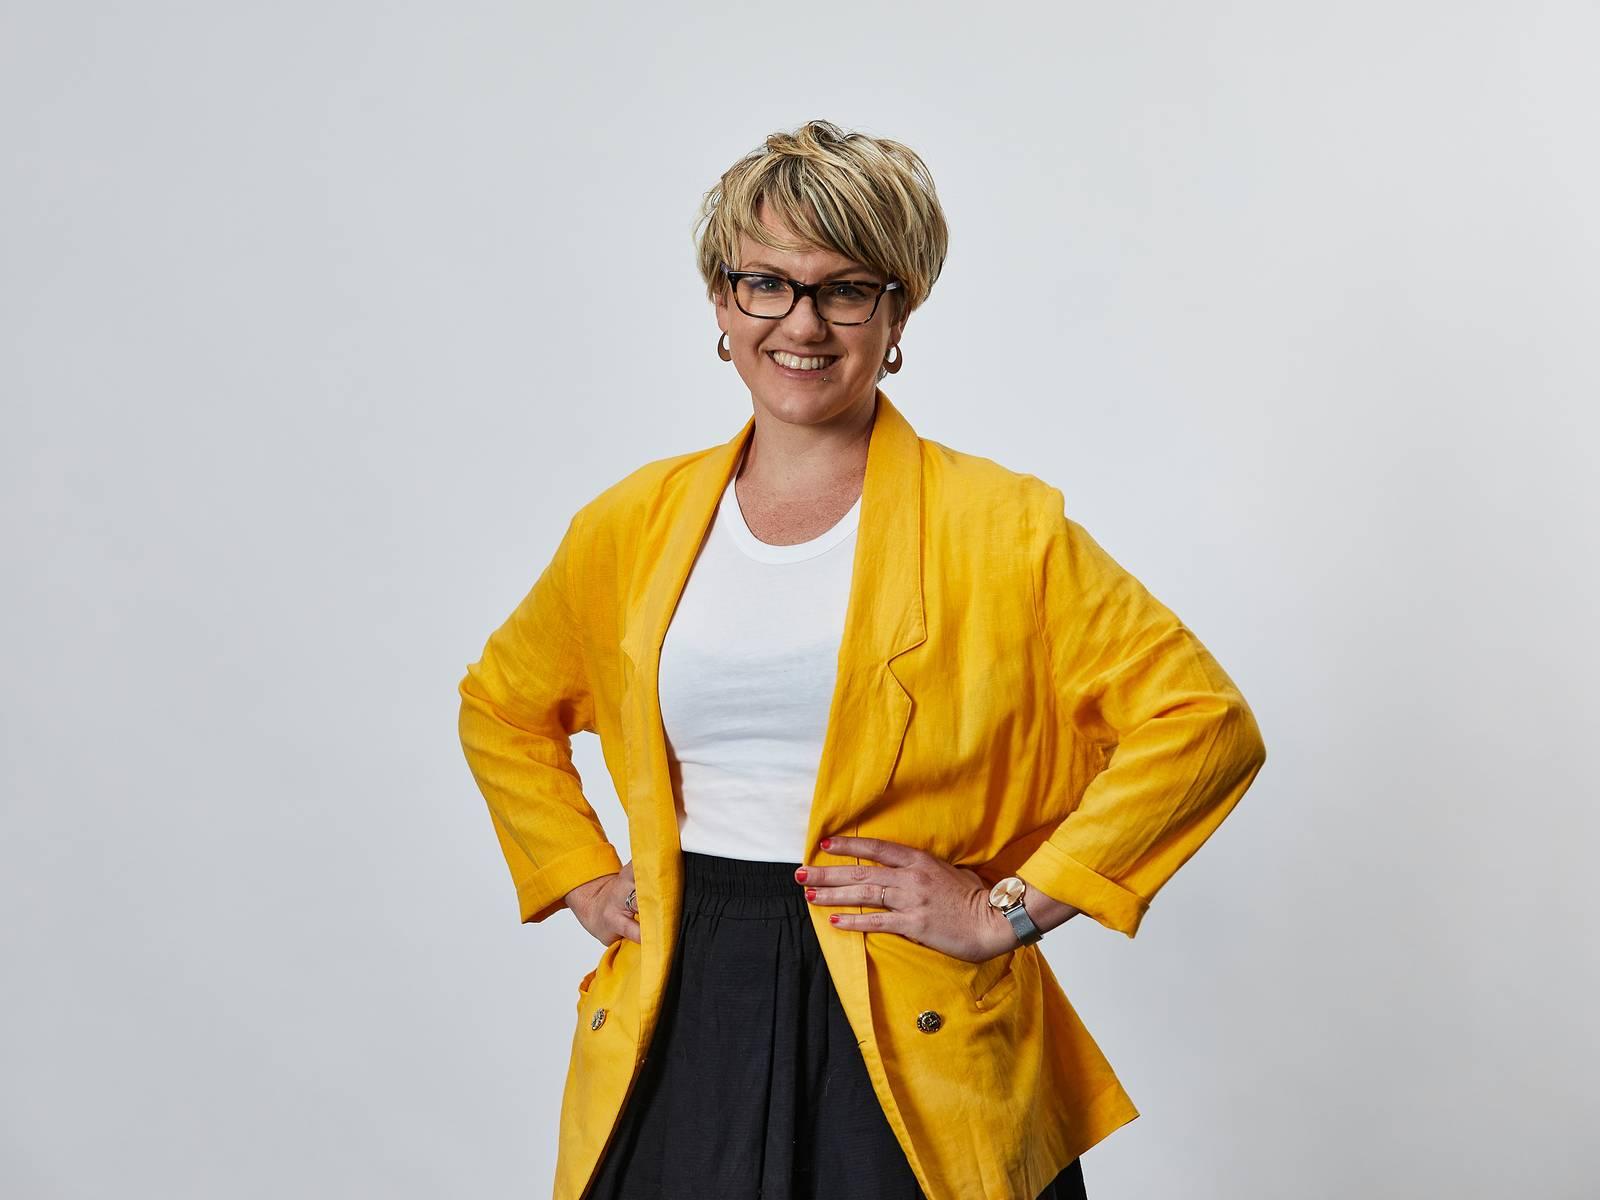 A profile image of Claire O'Loughlin